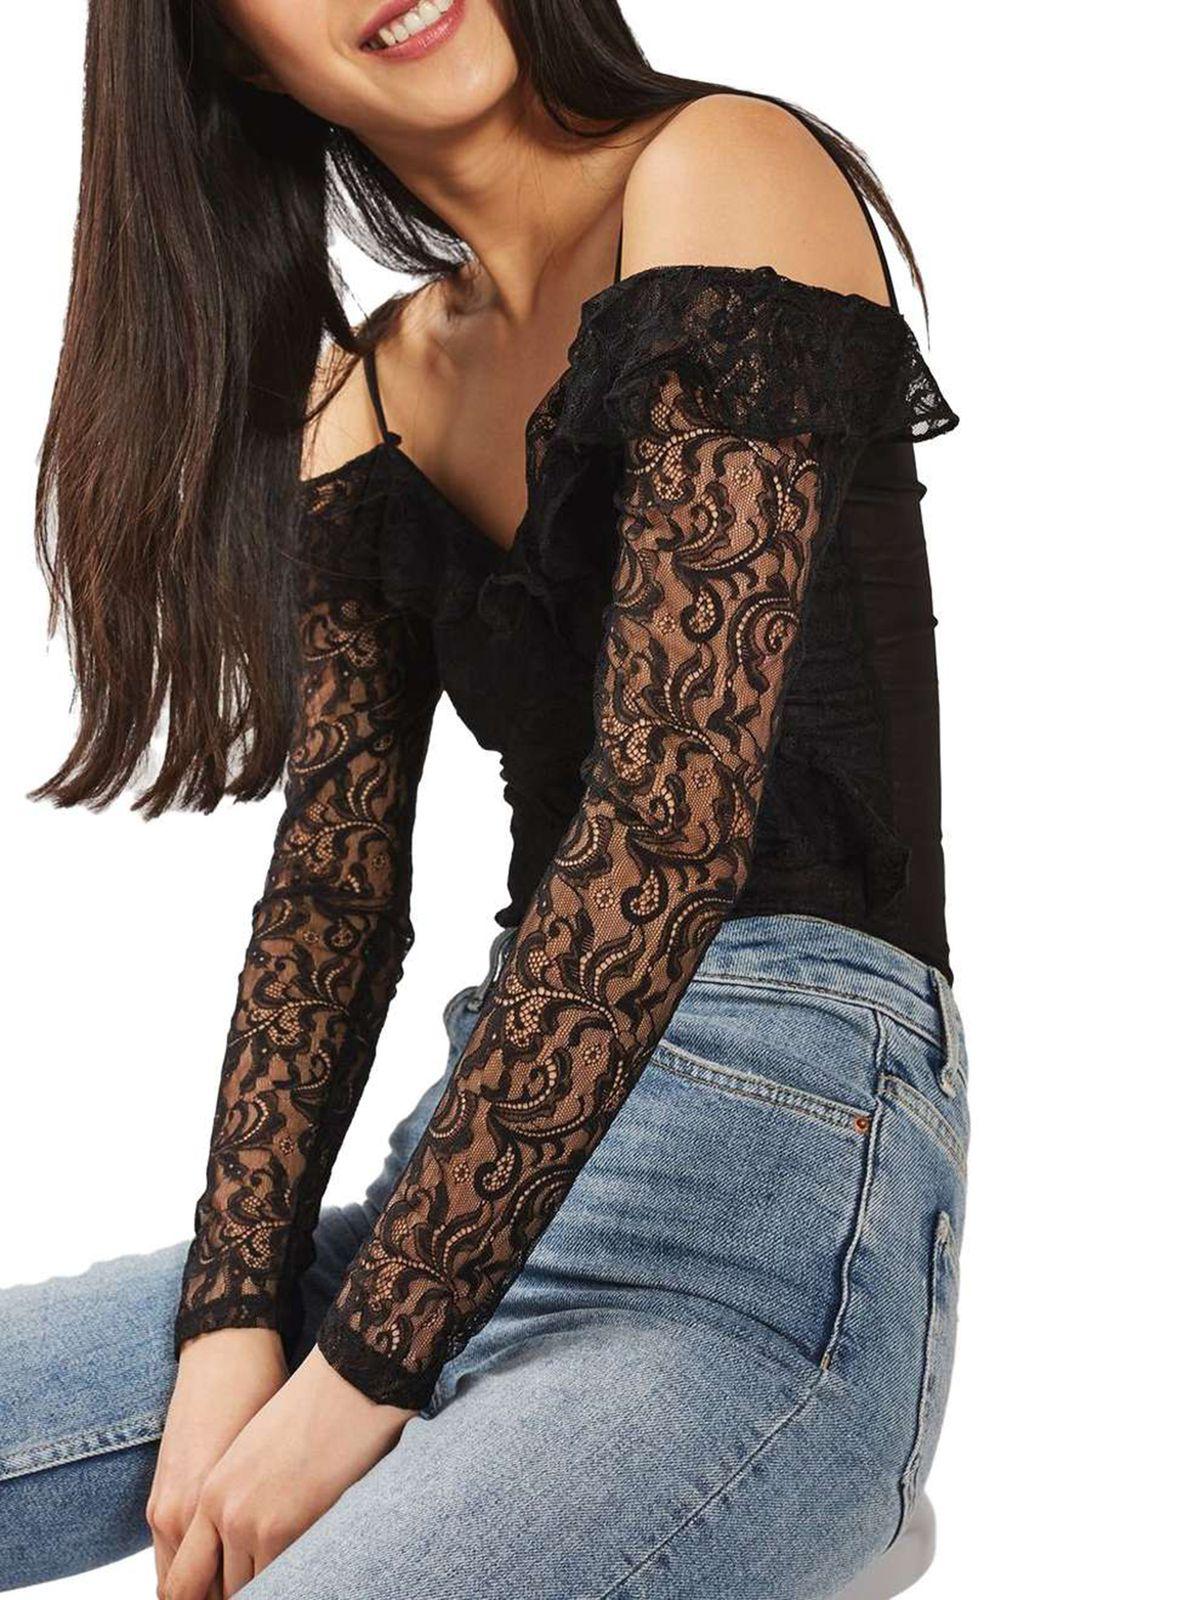 Topshop Lace Off the Shoulder Bodysuit, $29.99